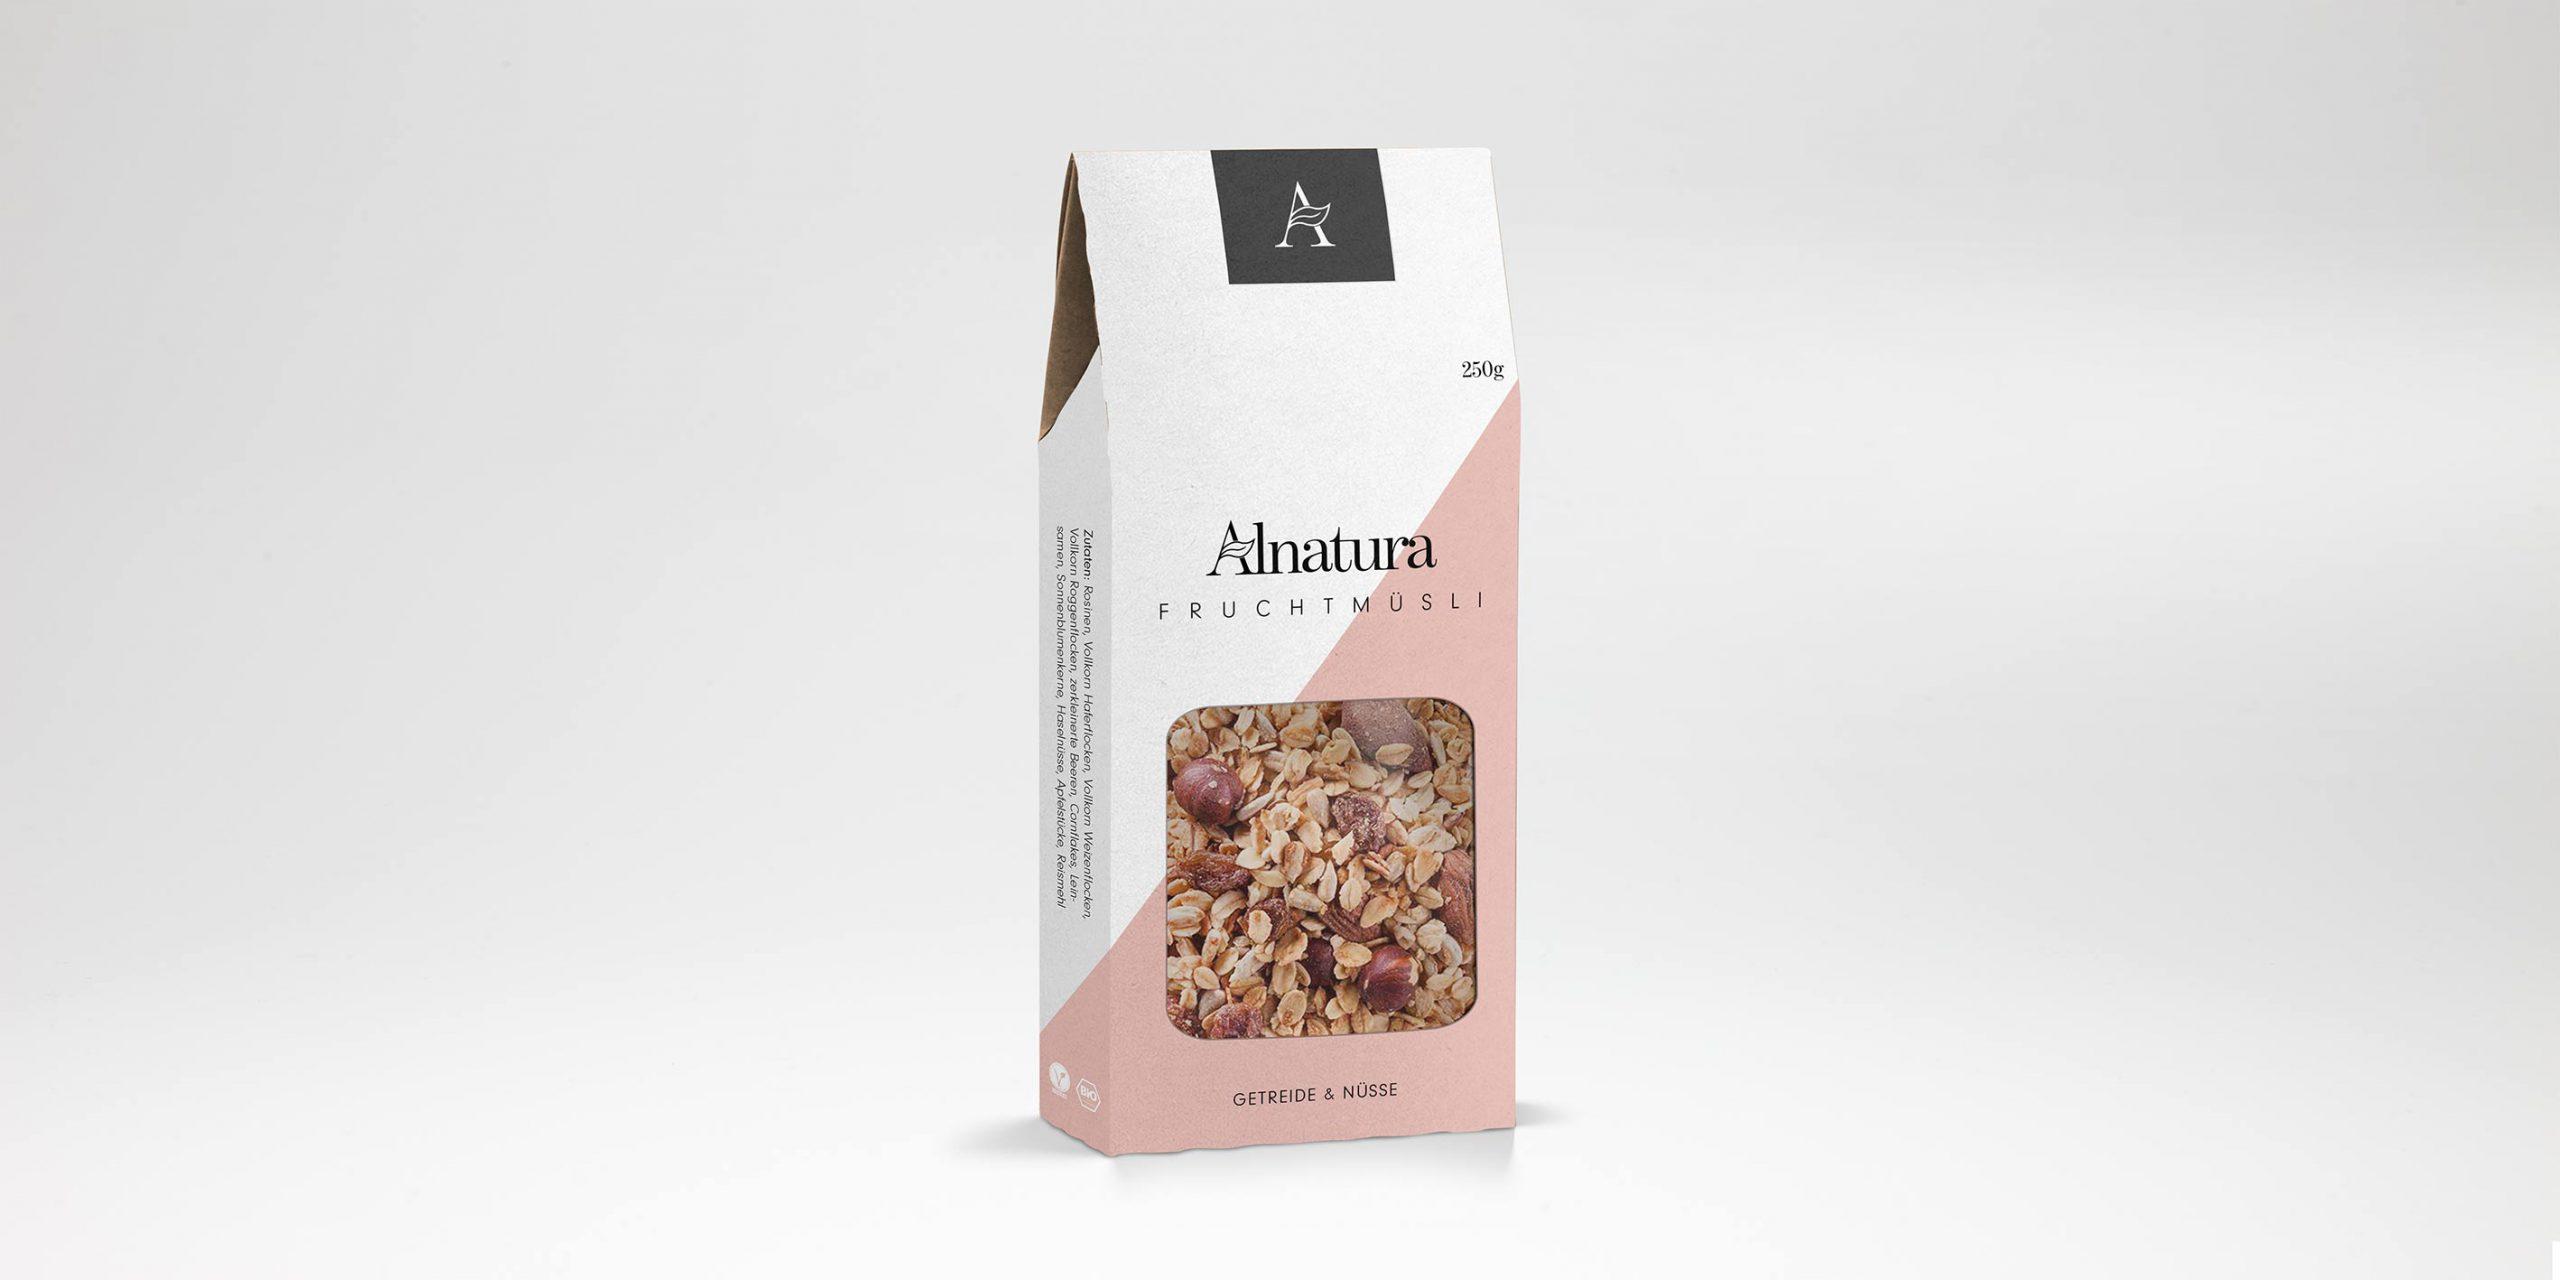 alnatura_packaging_03